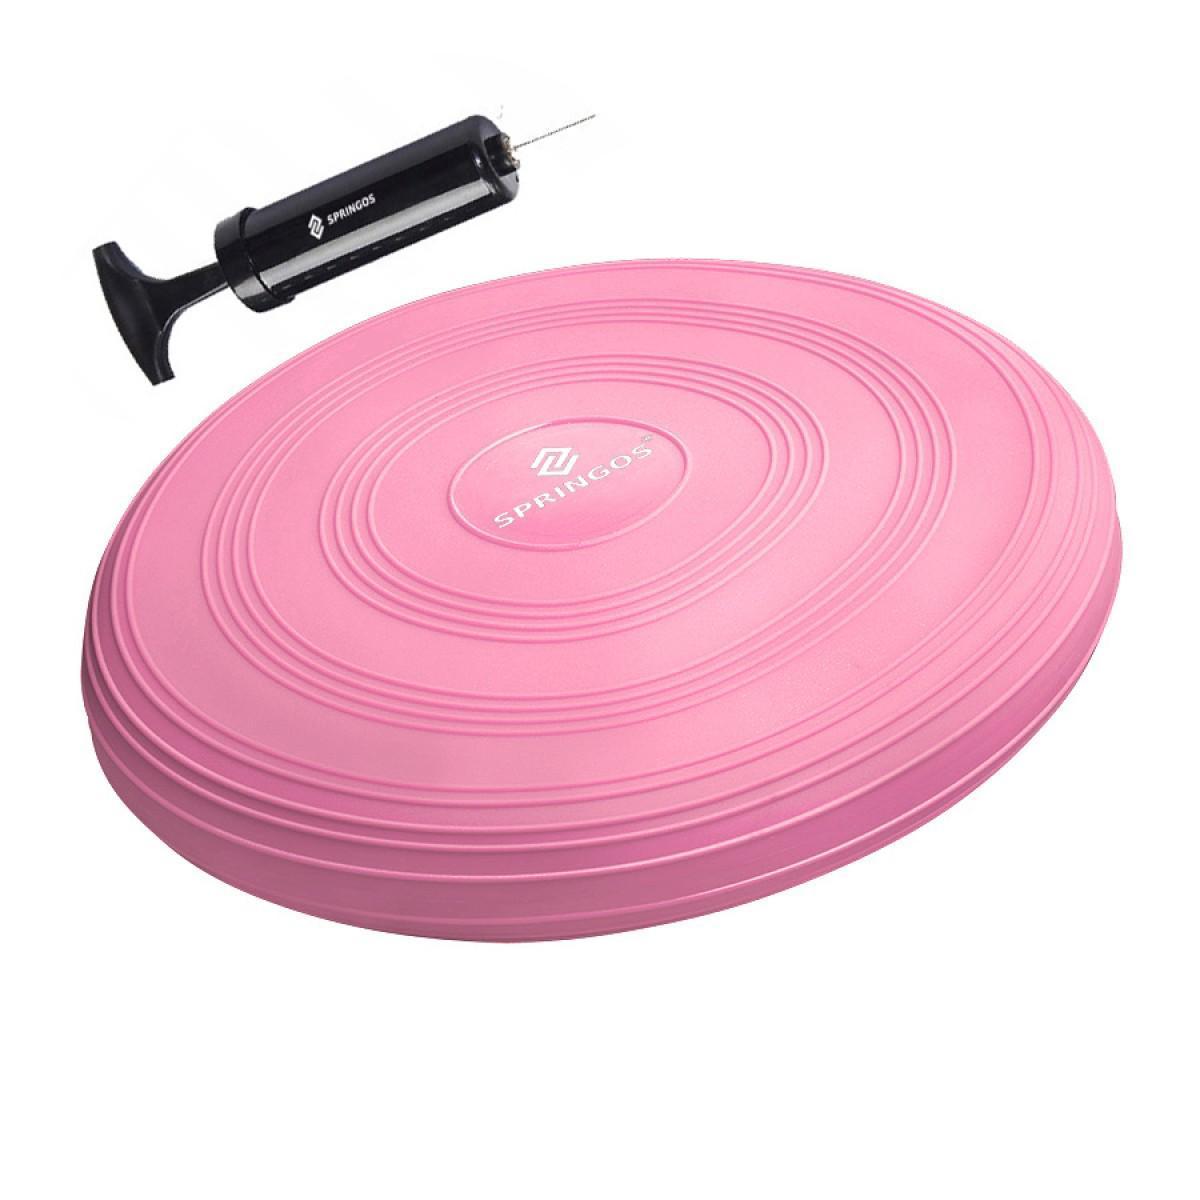 Балансировочная подушка (сенсомоторная) массажная Springos PRO FA0089 Pink